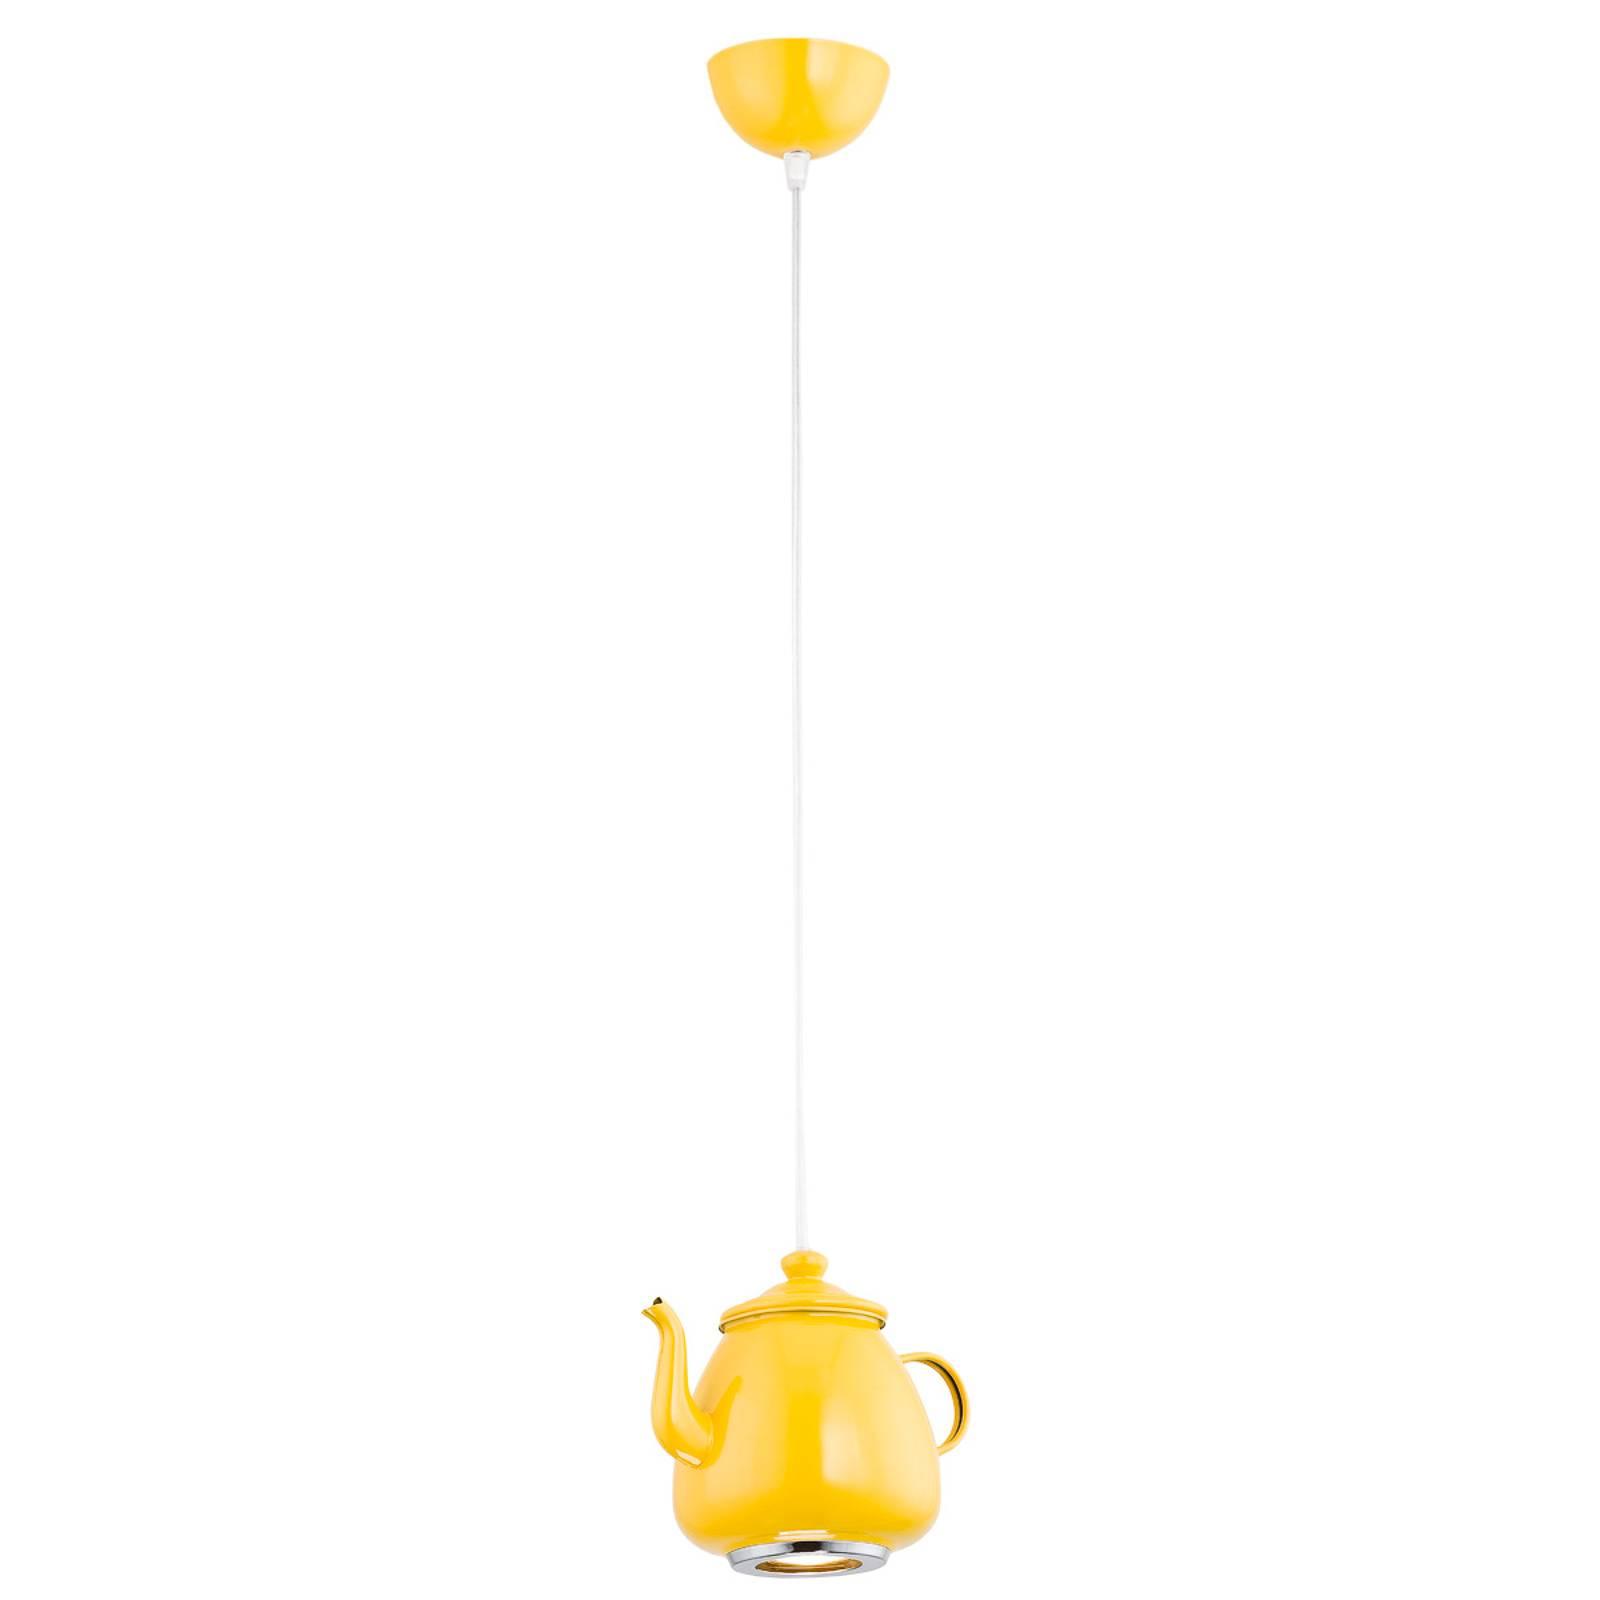 Hängeleuchte Jasse Kaffeekannenform 1fl gelb